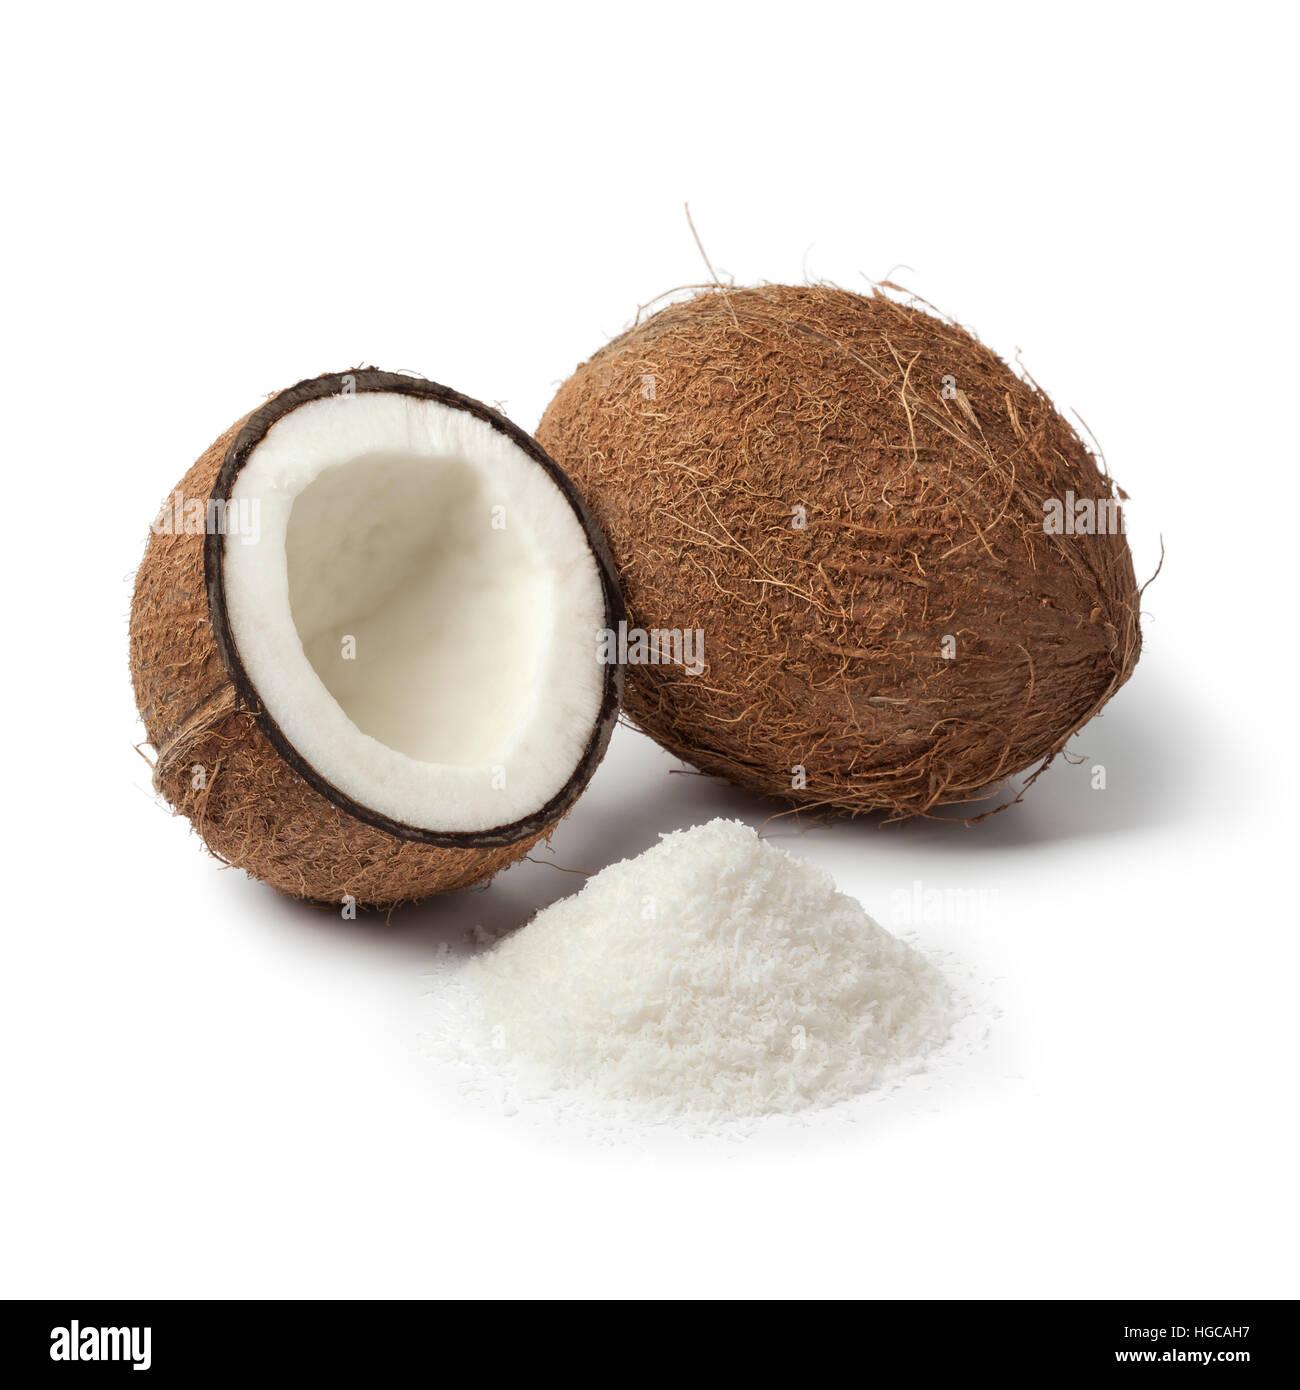 Noci di cocco con il bianco cocco grattugiato carne isolati su sfondo bianco Immagini Stock